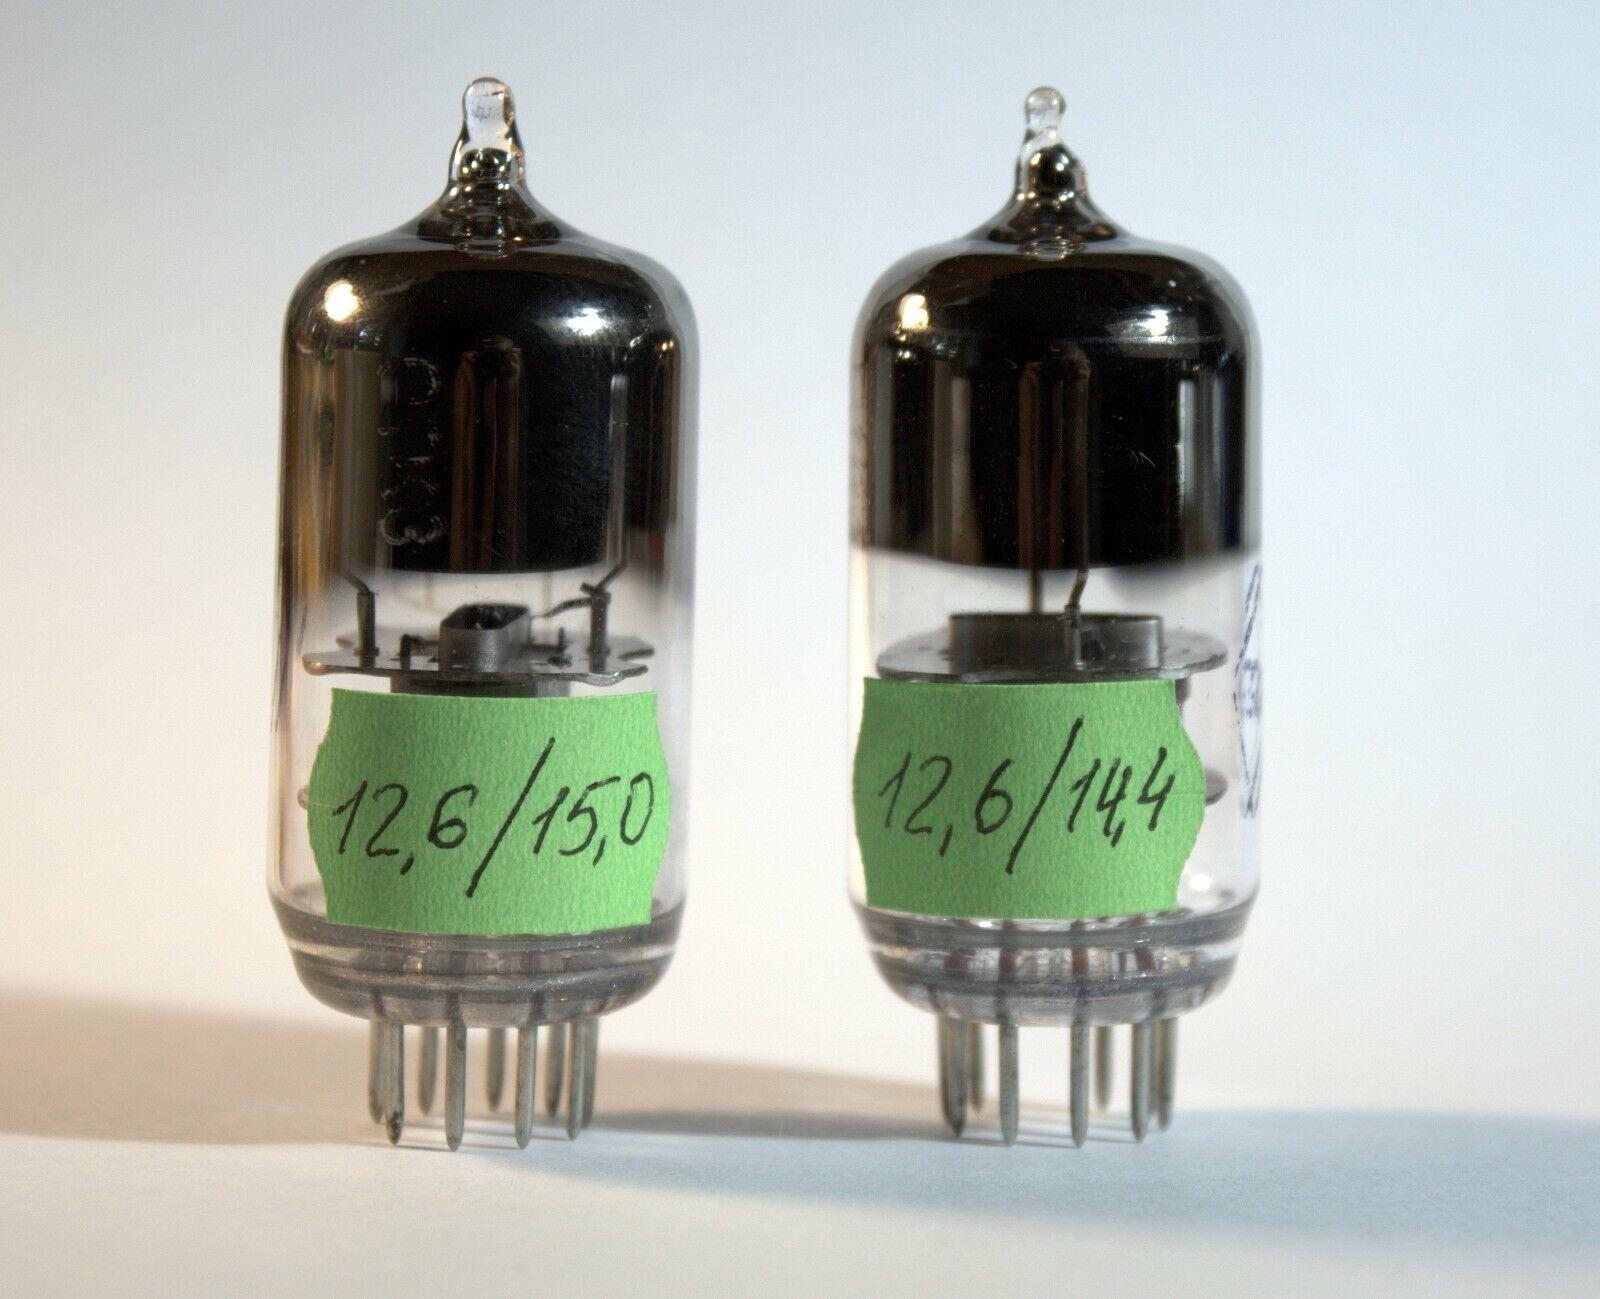 Matched Pair 6Zh9P-E/6J9P-E/E180F/6688 HF Radioröhre Neu